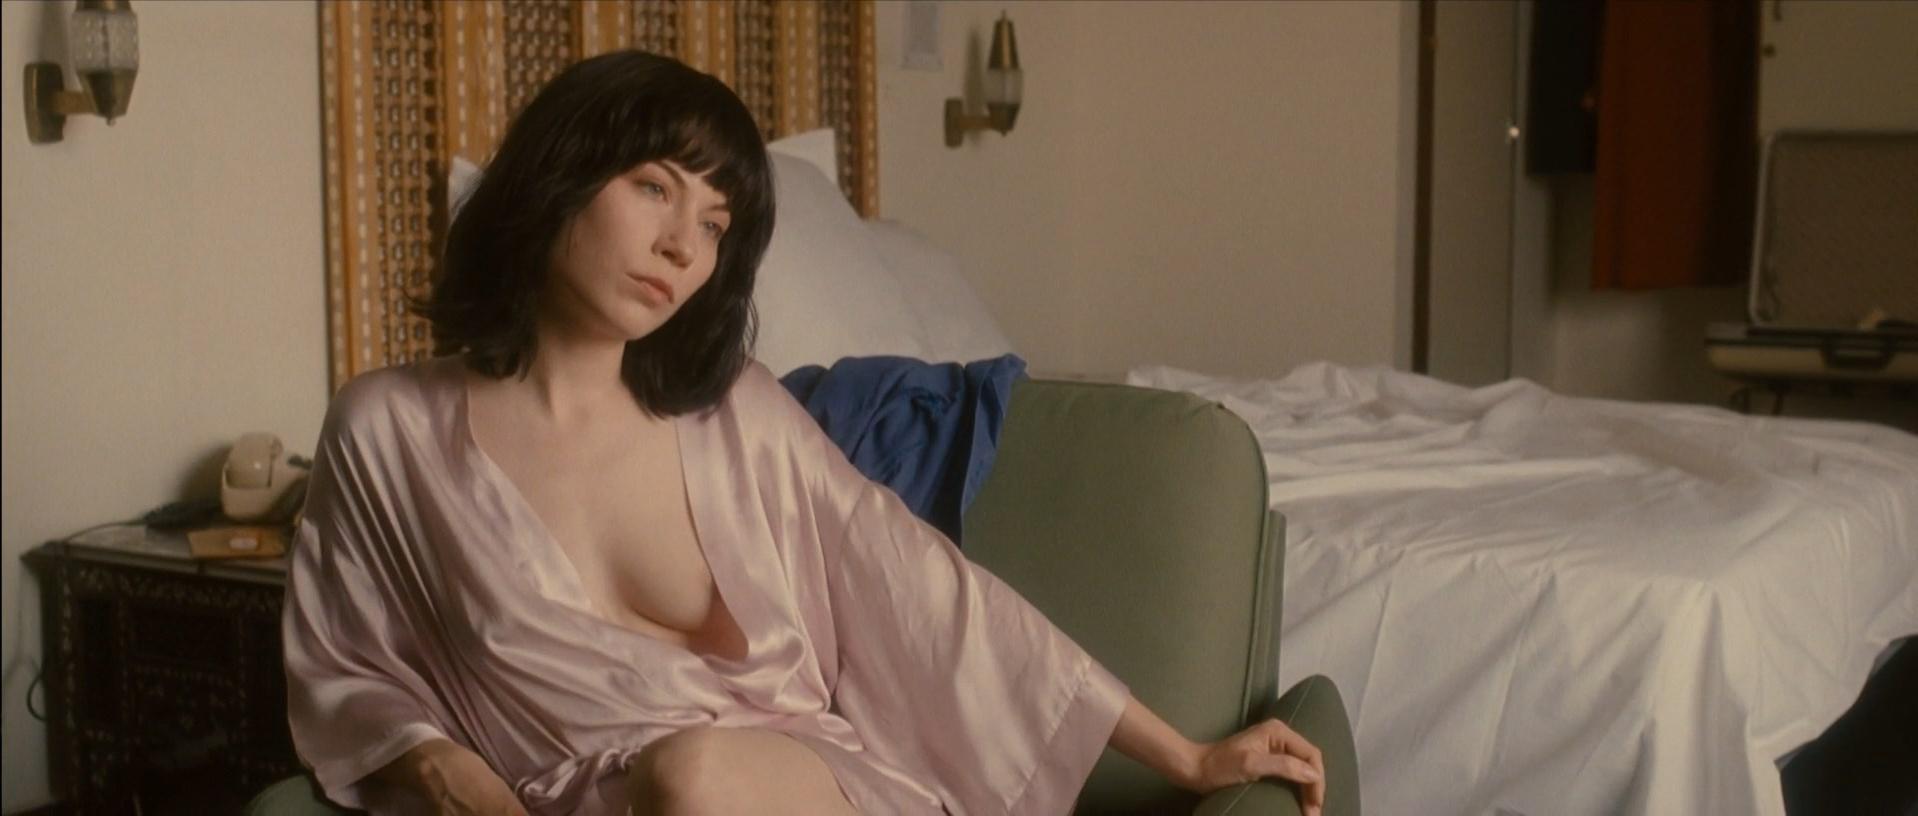 Nora von Waldstatten nude - Carlos s01e02 (2011)